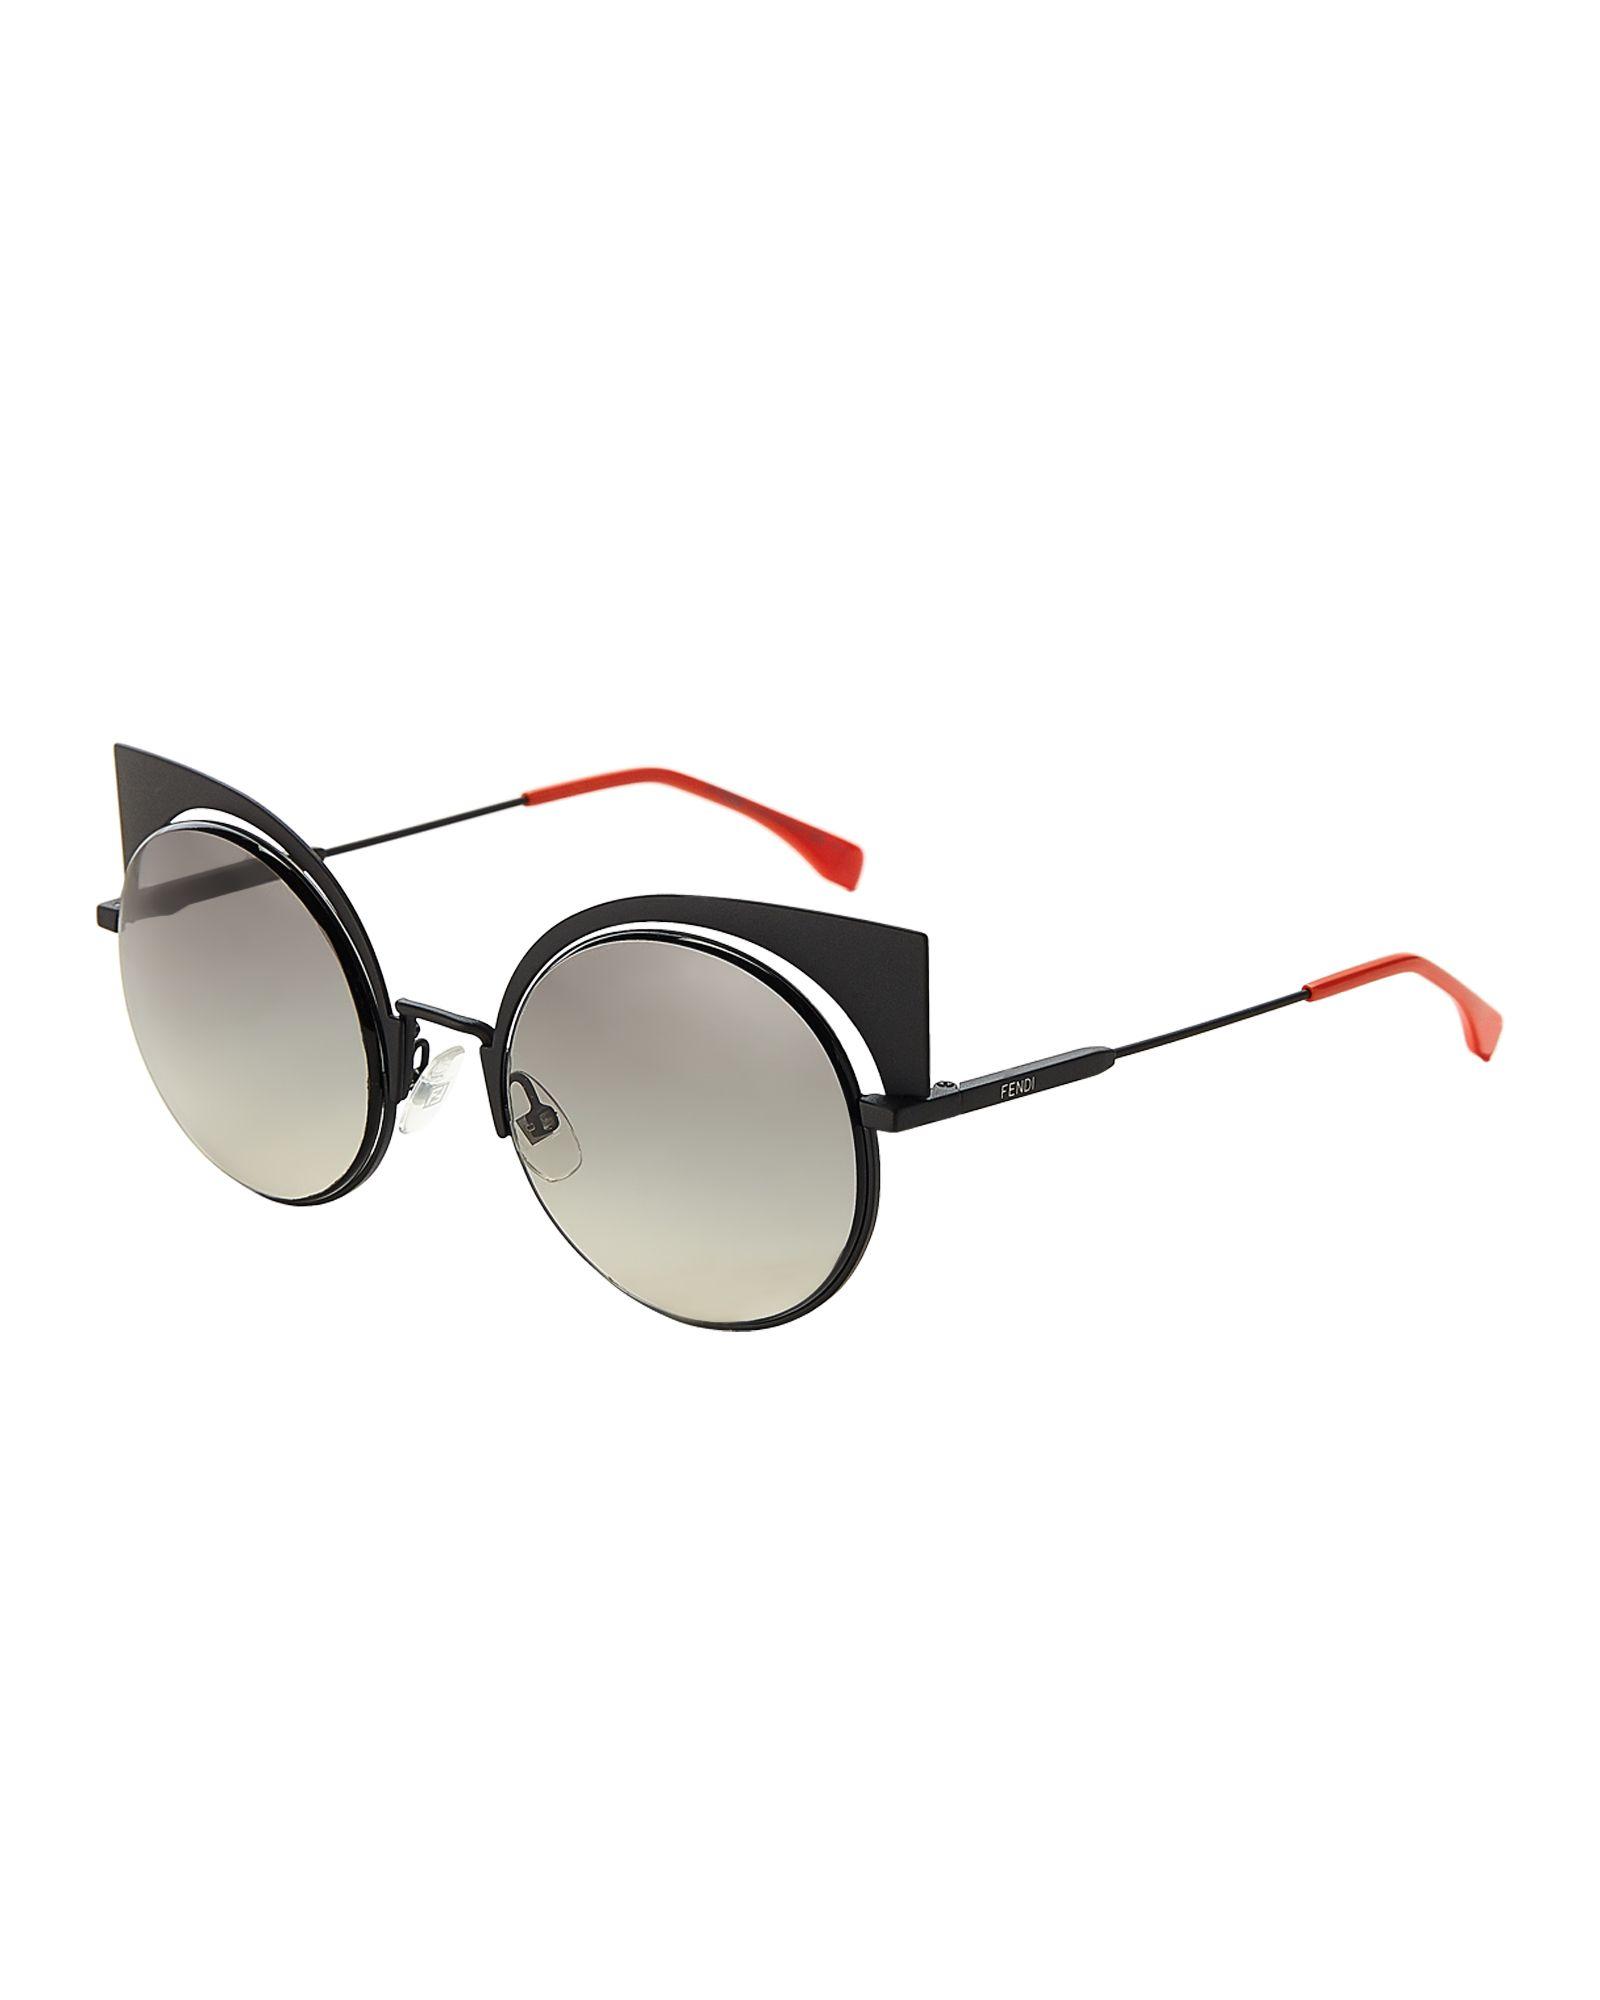 8ad2fa6b4ebc0 Fendi FF 0177 S Black Cat Eye Sunglasses